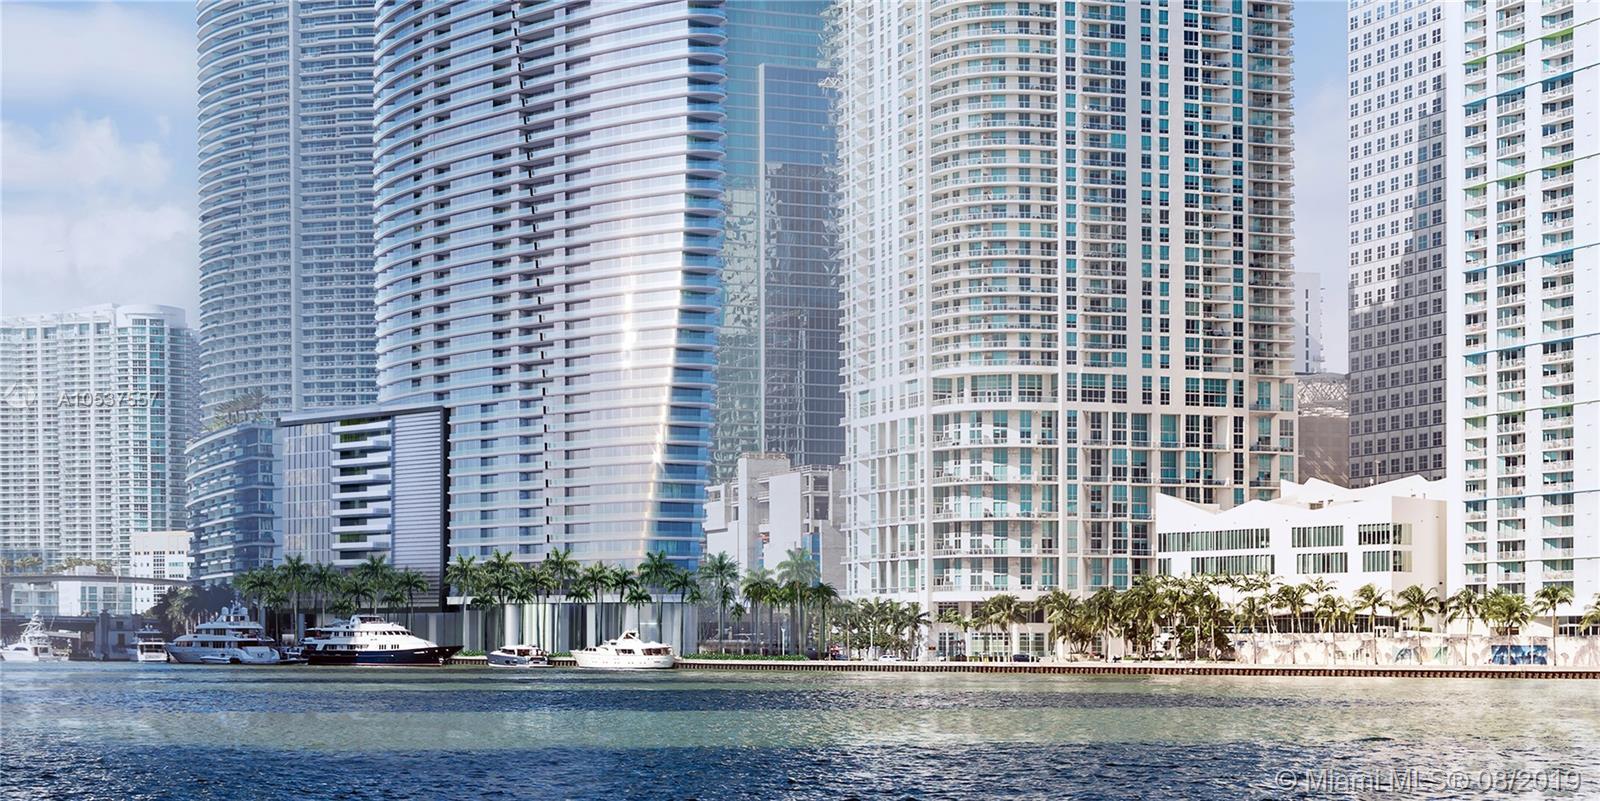 300 Biscayne Blvd Way 1201, Miami, FL 33131